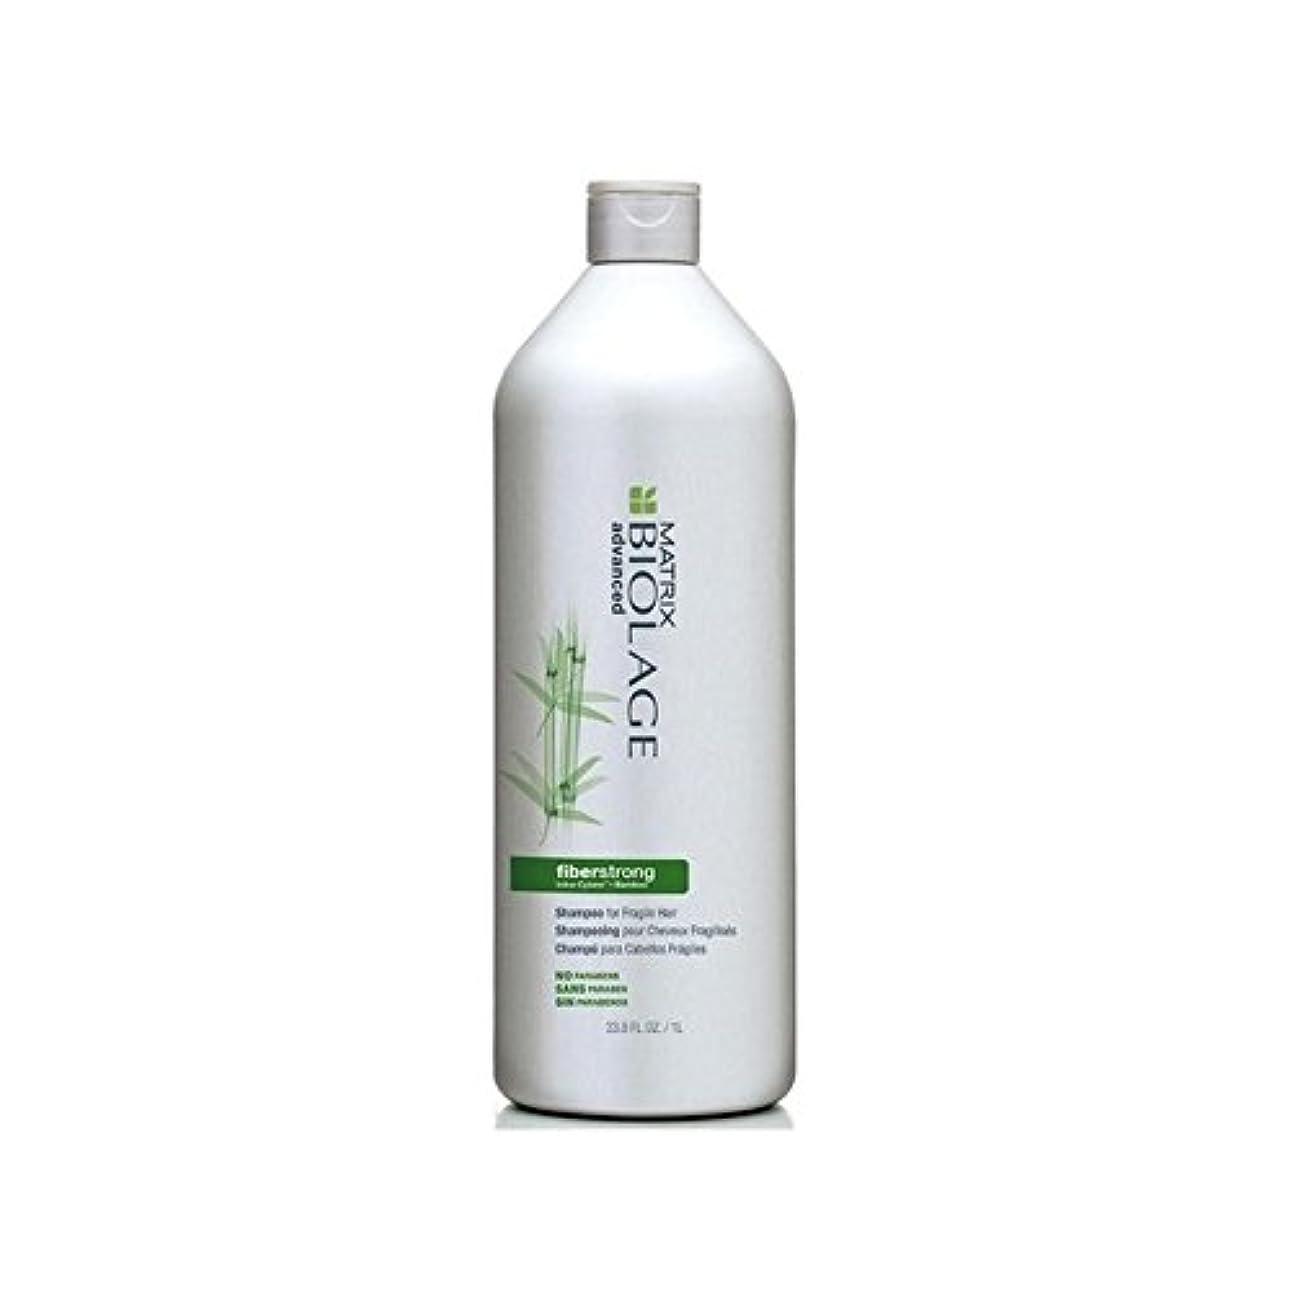 ジムようこそふけるMatrix Biolage Fiberstrong Shampoo (1000ml) With Pump - ポンプを有するマトリックスバイオレイジのシャンプー(千ミリリットル) [並行輸入品]